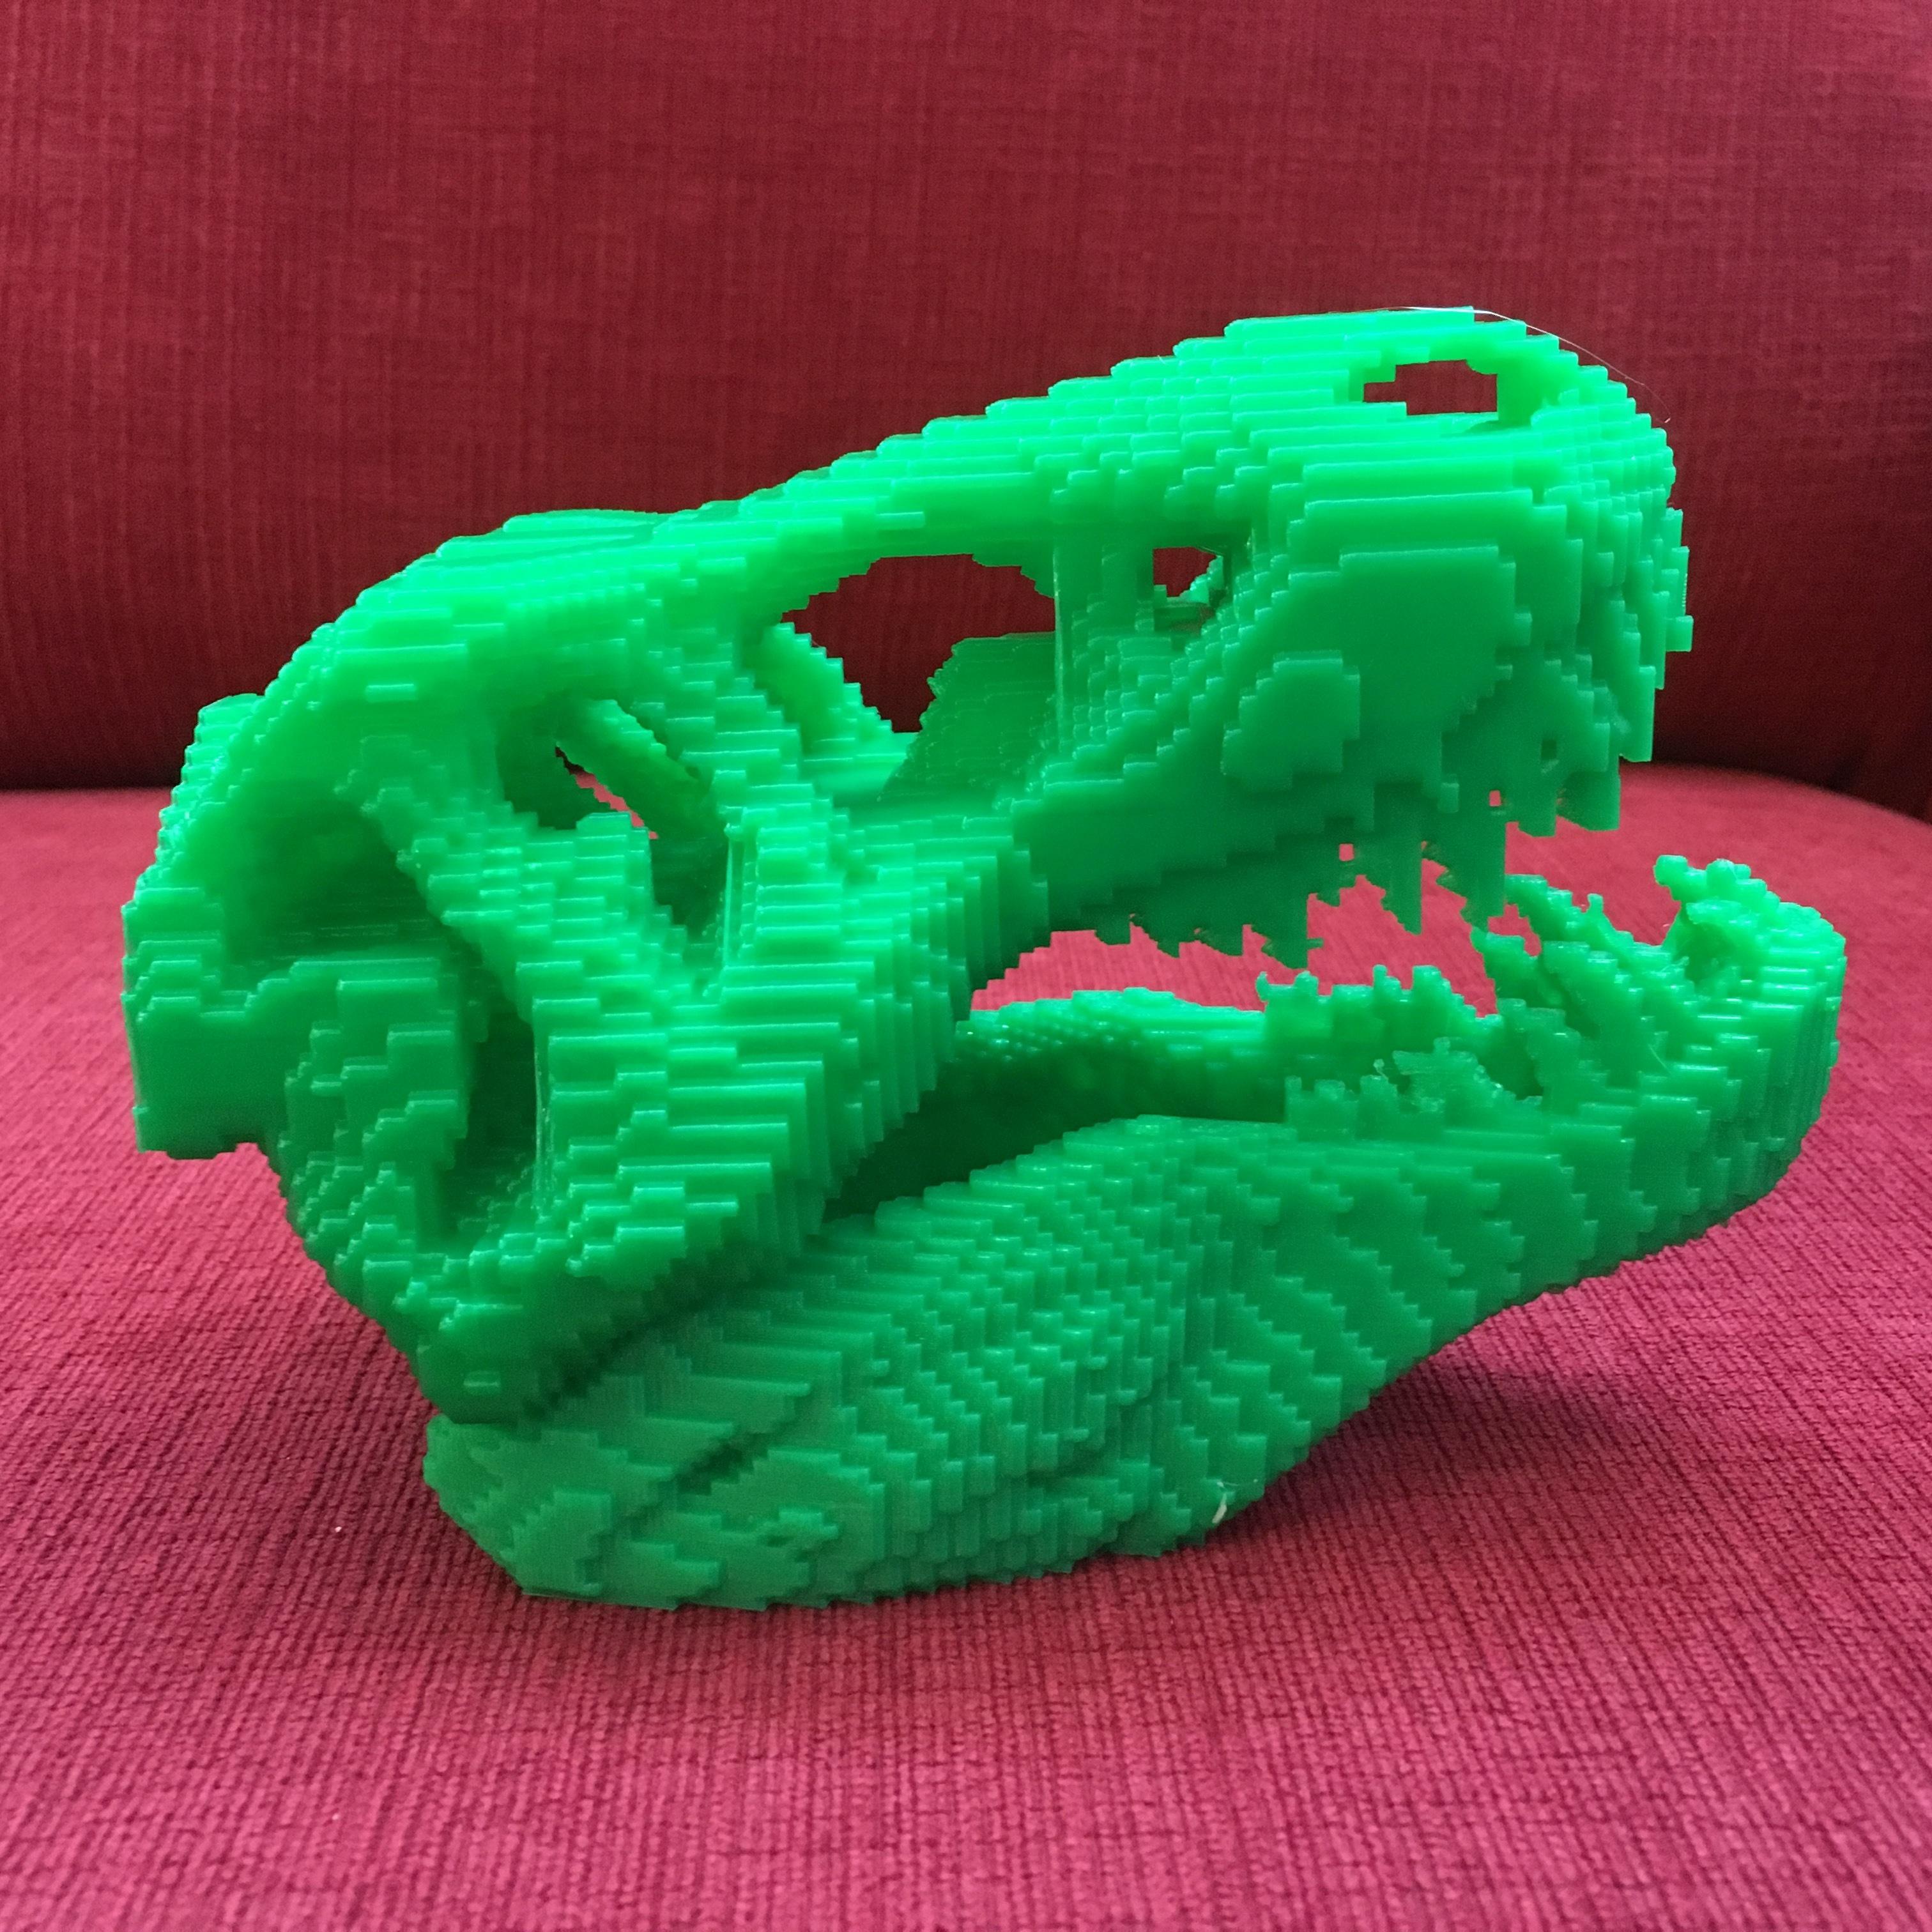 61071CFB-DDCF-49E1-9A33-C0B5B2E83174.jpeg Télécharger fichier STL gratuit Crâne T-Rex voxélisé • Plan imprimable en 3D, makerwiz